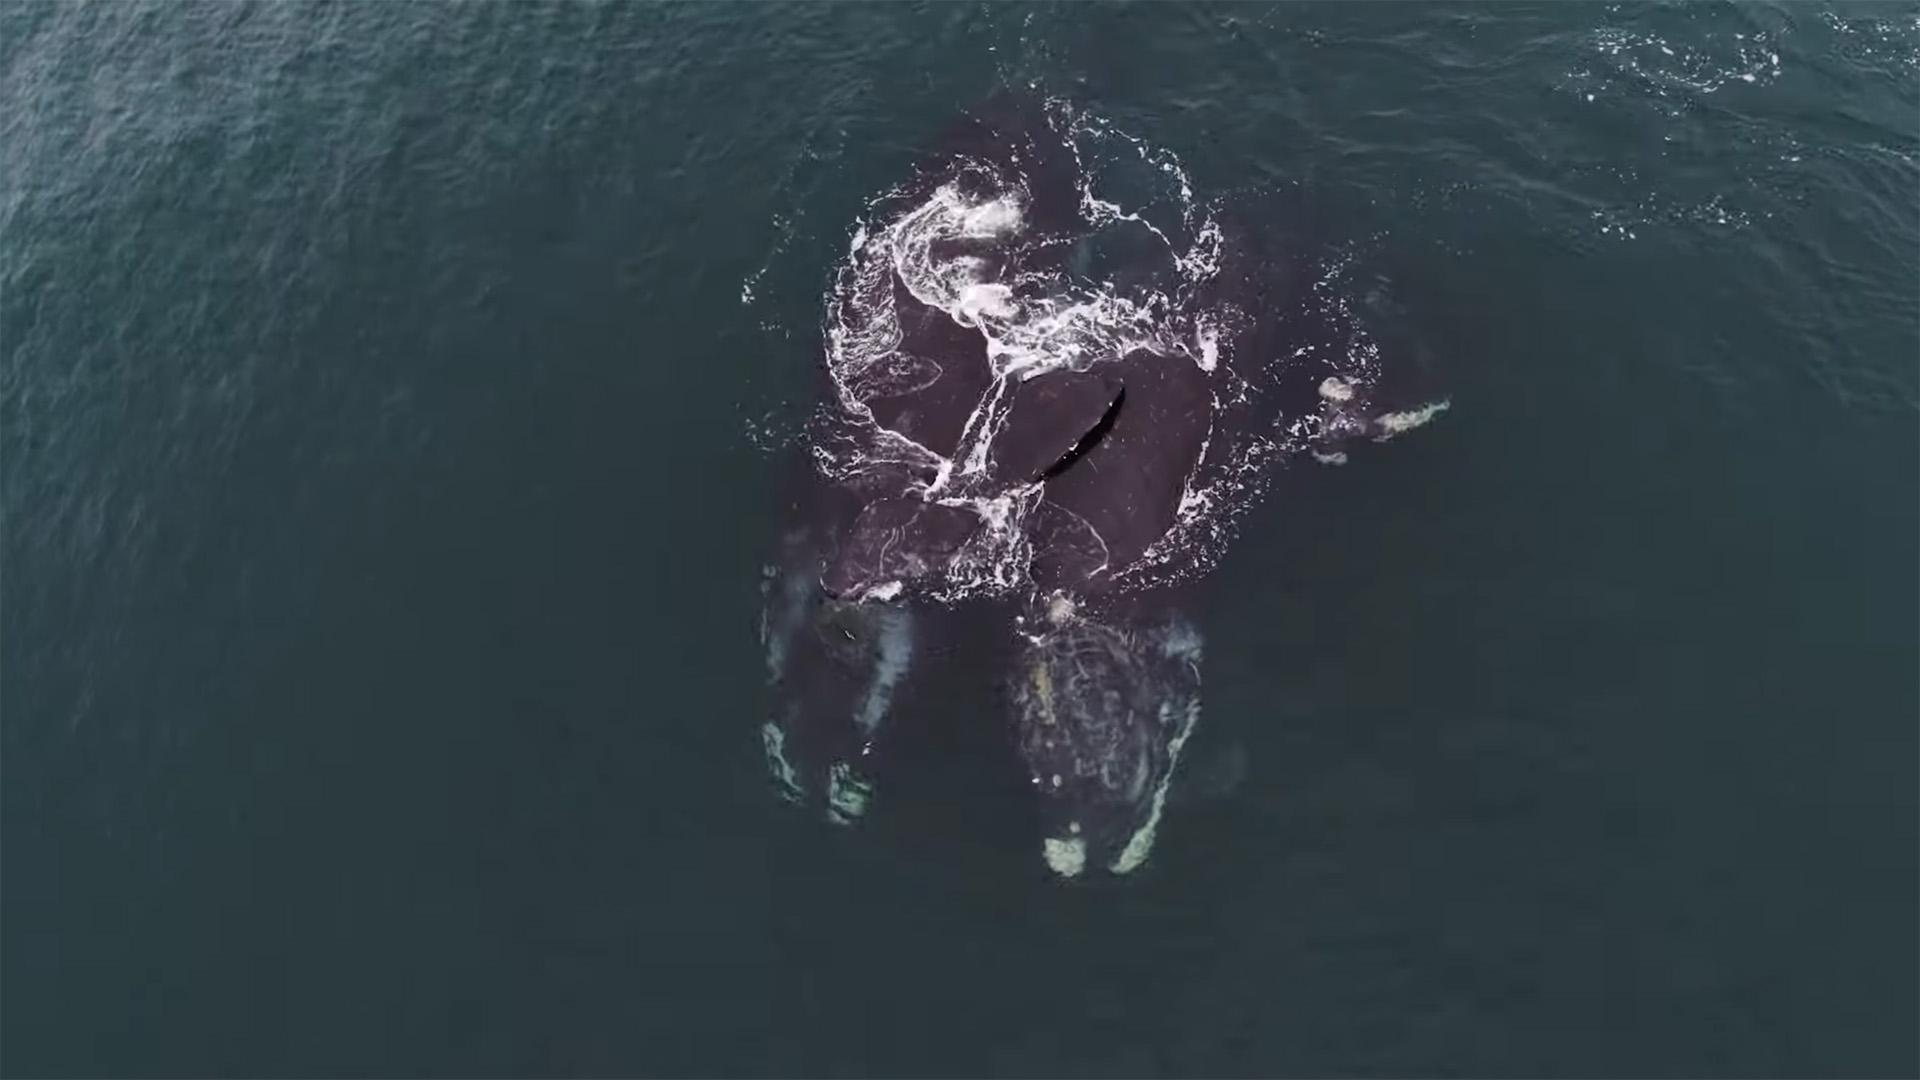 Ölelkező bálnák